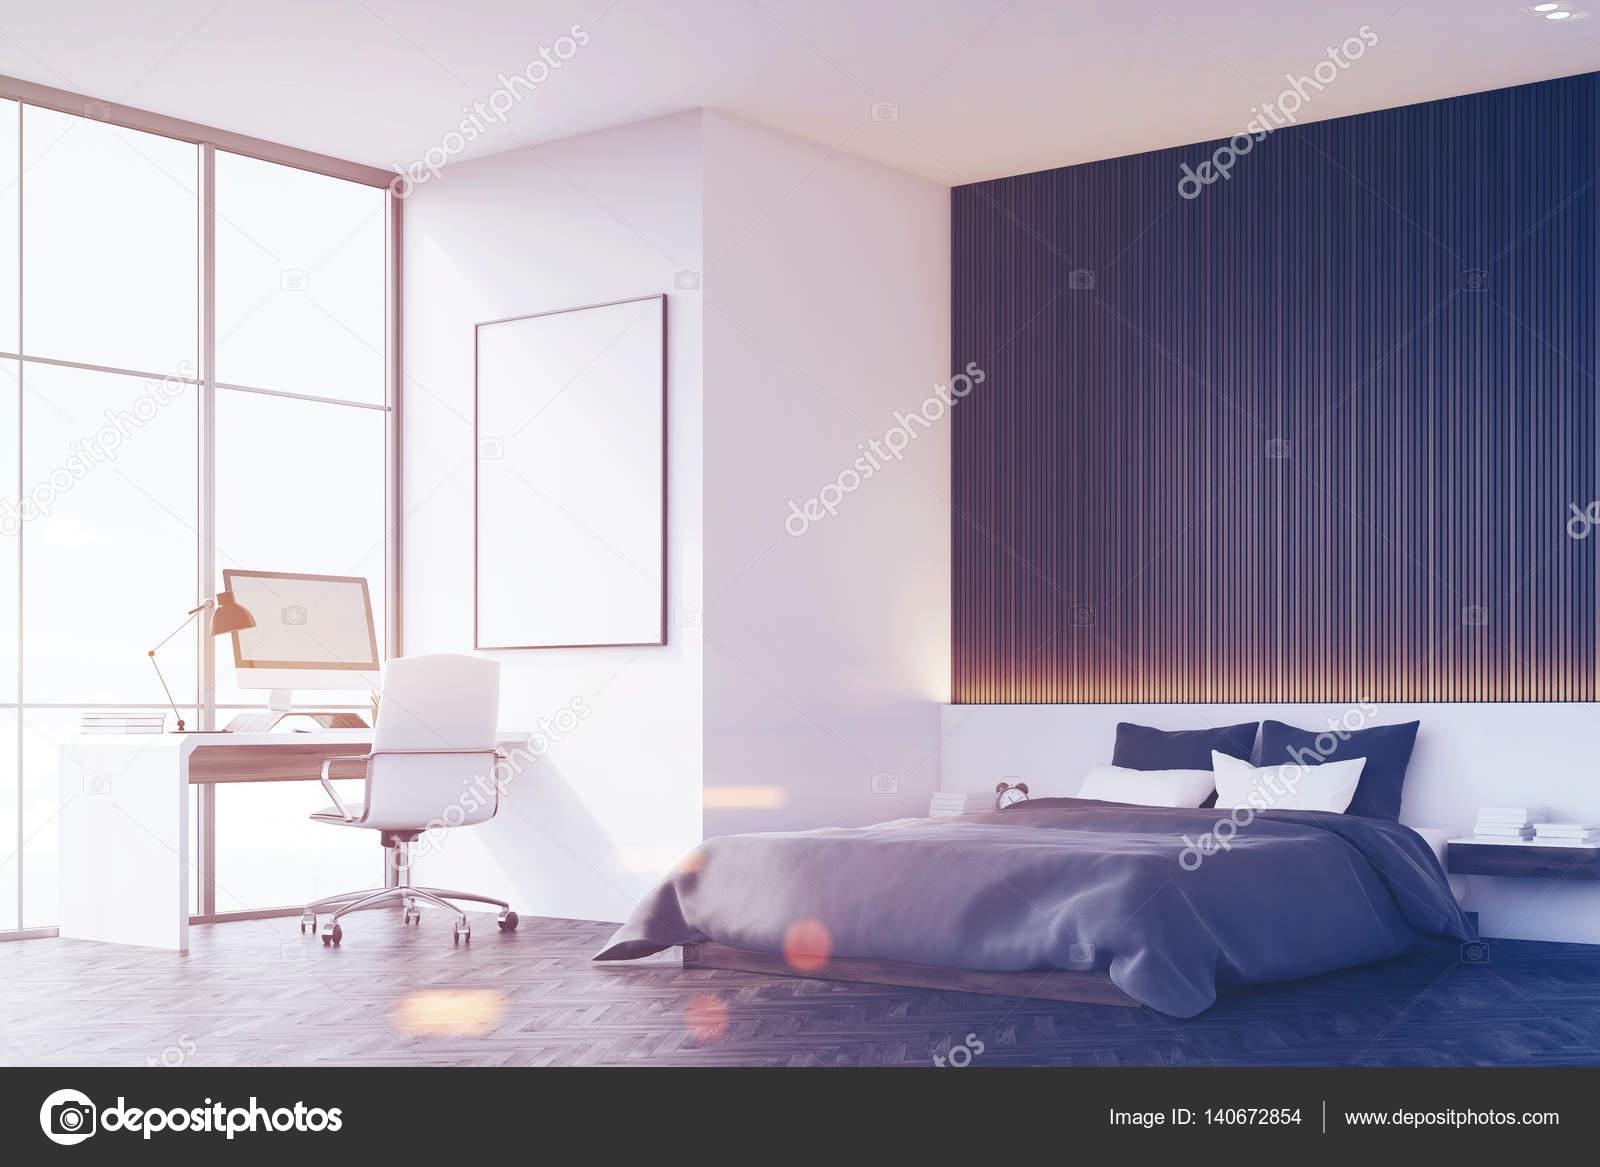 Schlafzimmer Mit Holzwand, Tisch, Seitenansicht, Getönt U2014 Stockfoto